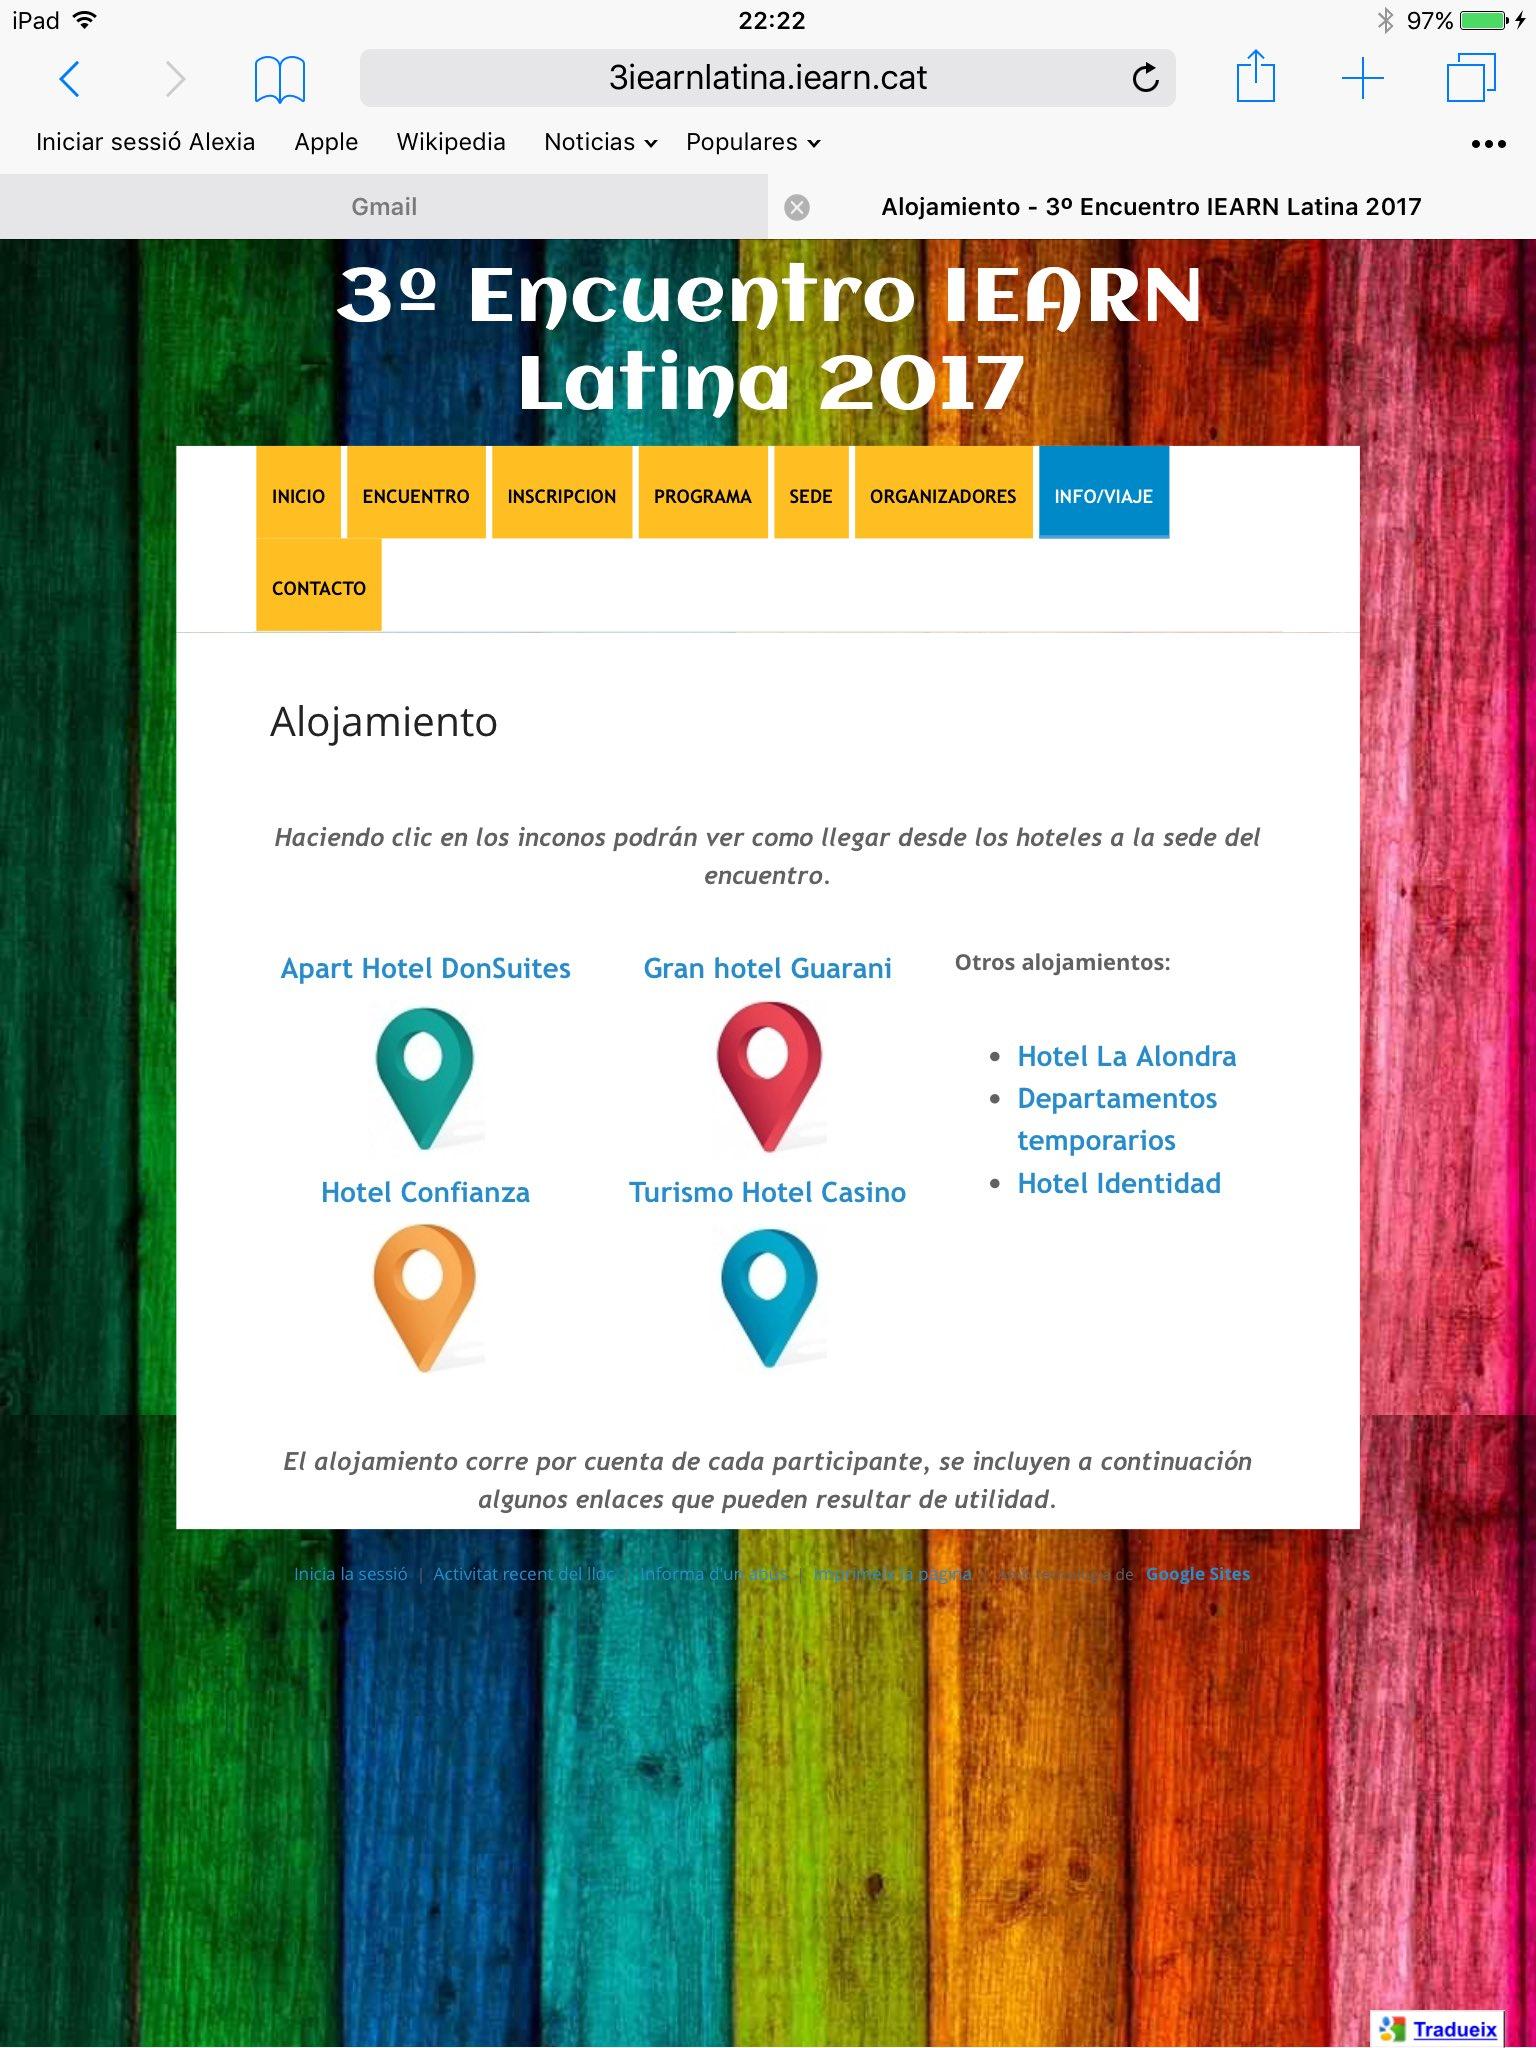 Actualización web #iearnlatina2017: localización hoteles https://t.co/7jHRDzQeLG https://t.co/yMgmP4qBs6